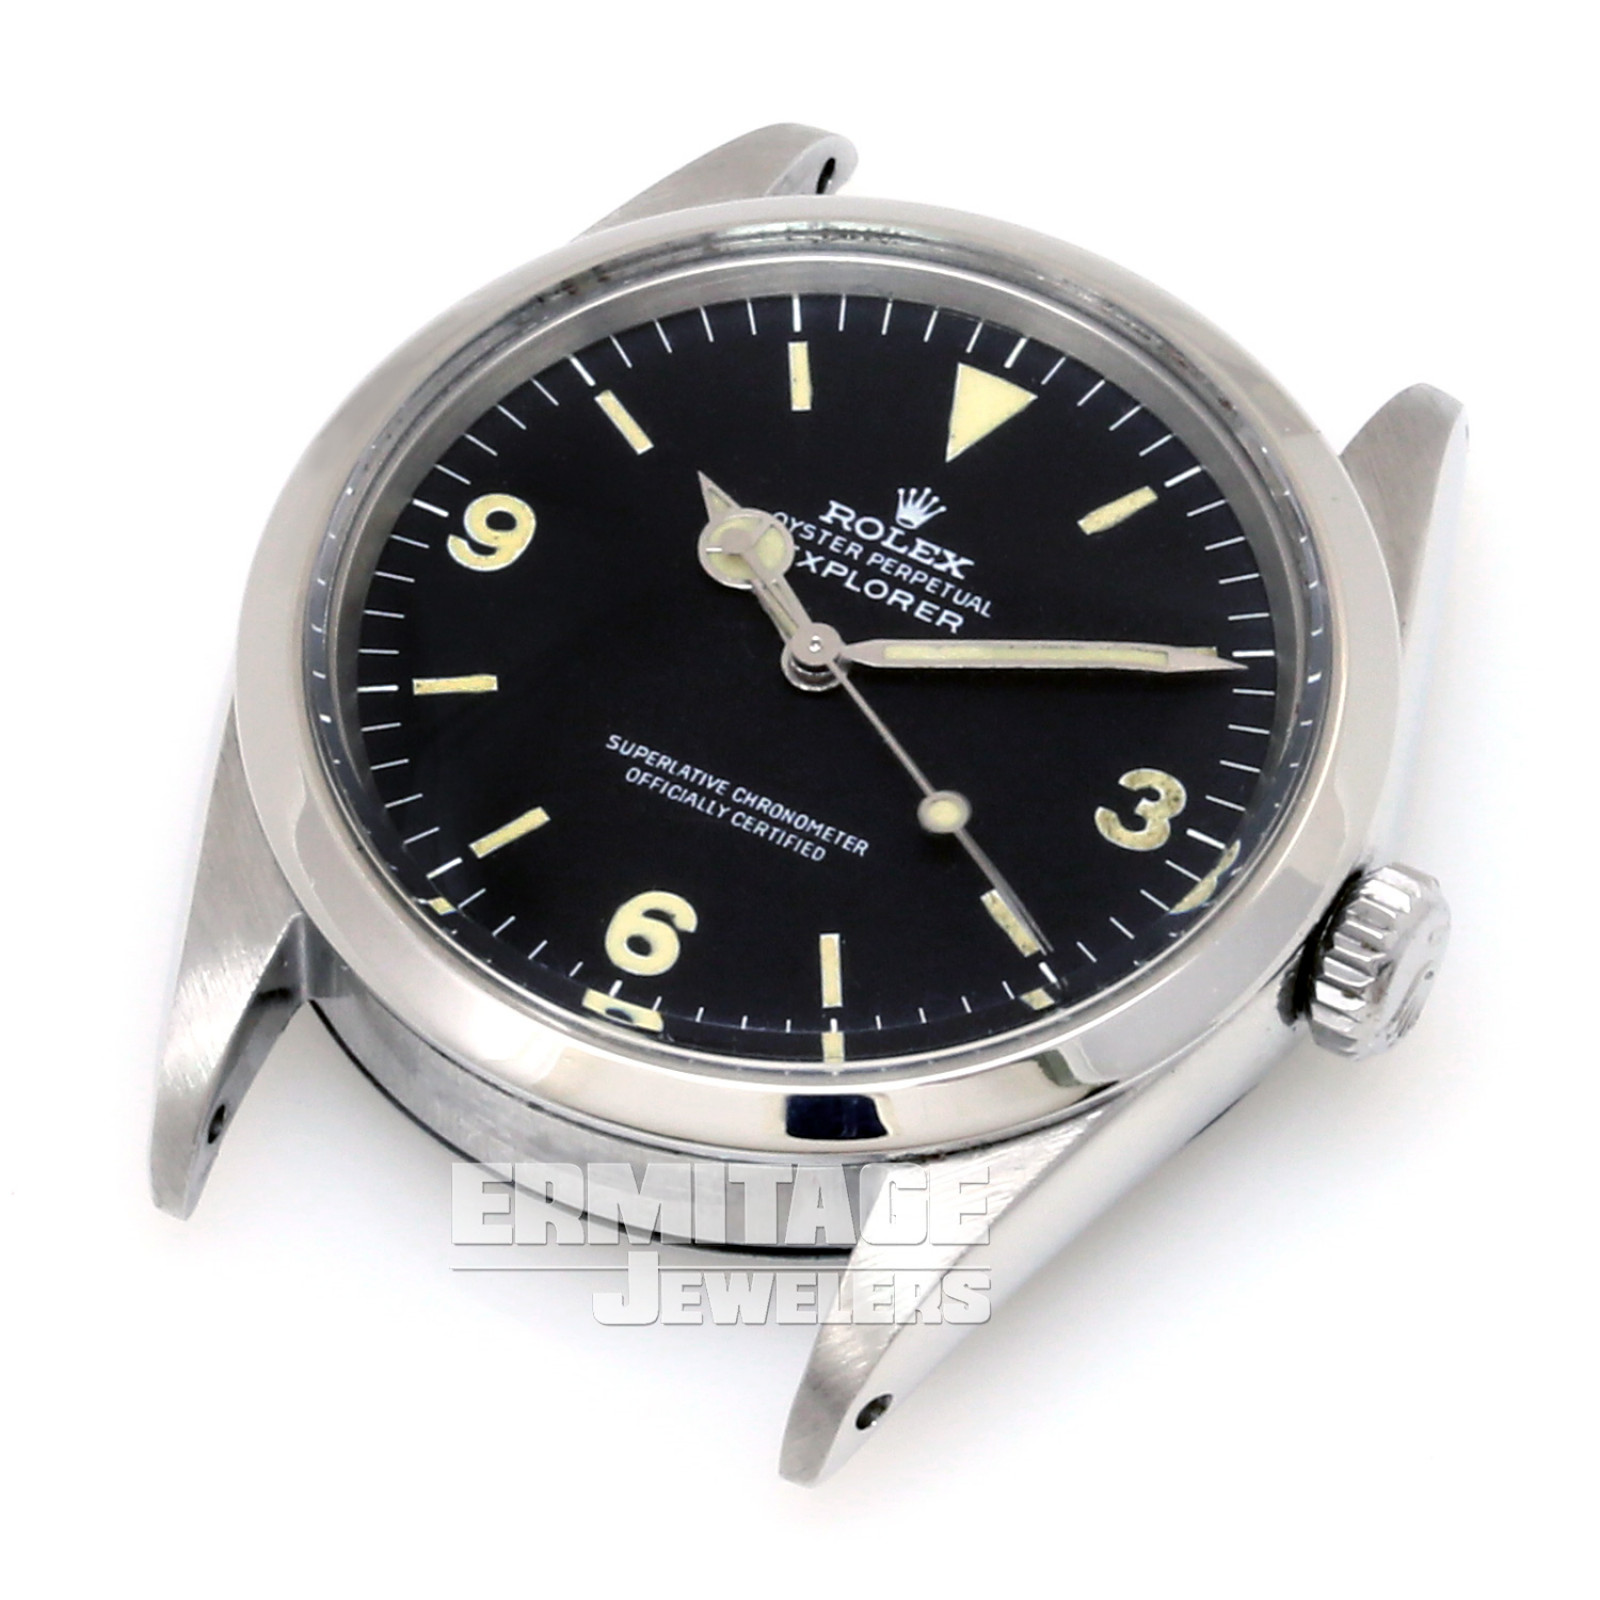 Vintage Rolex Explorer 1016 with 3-6-9 Dial